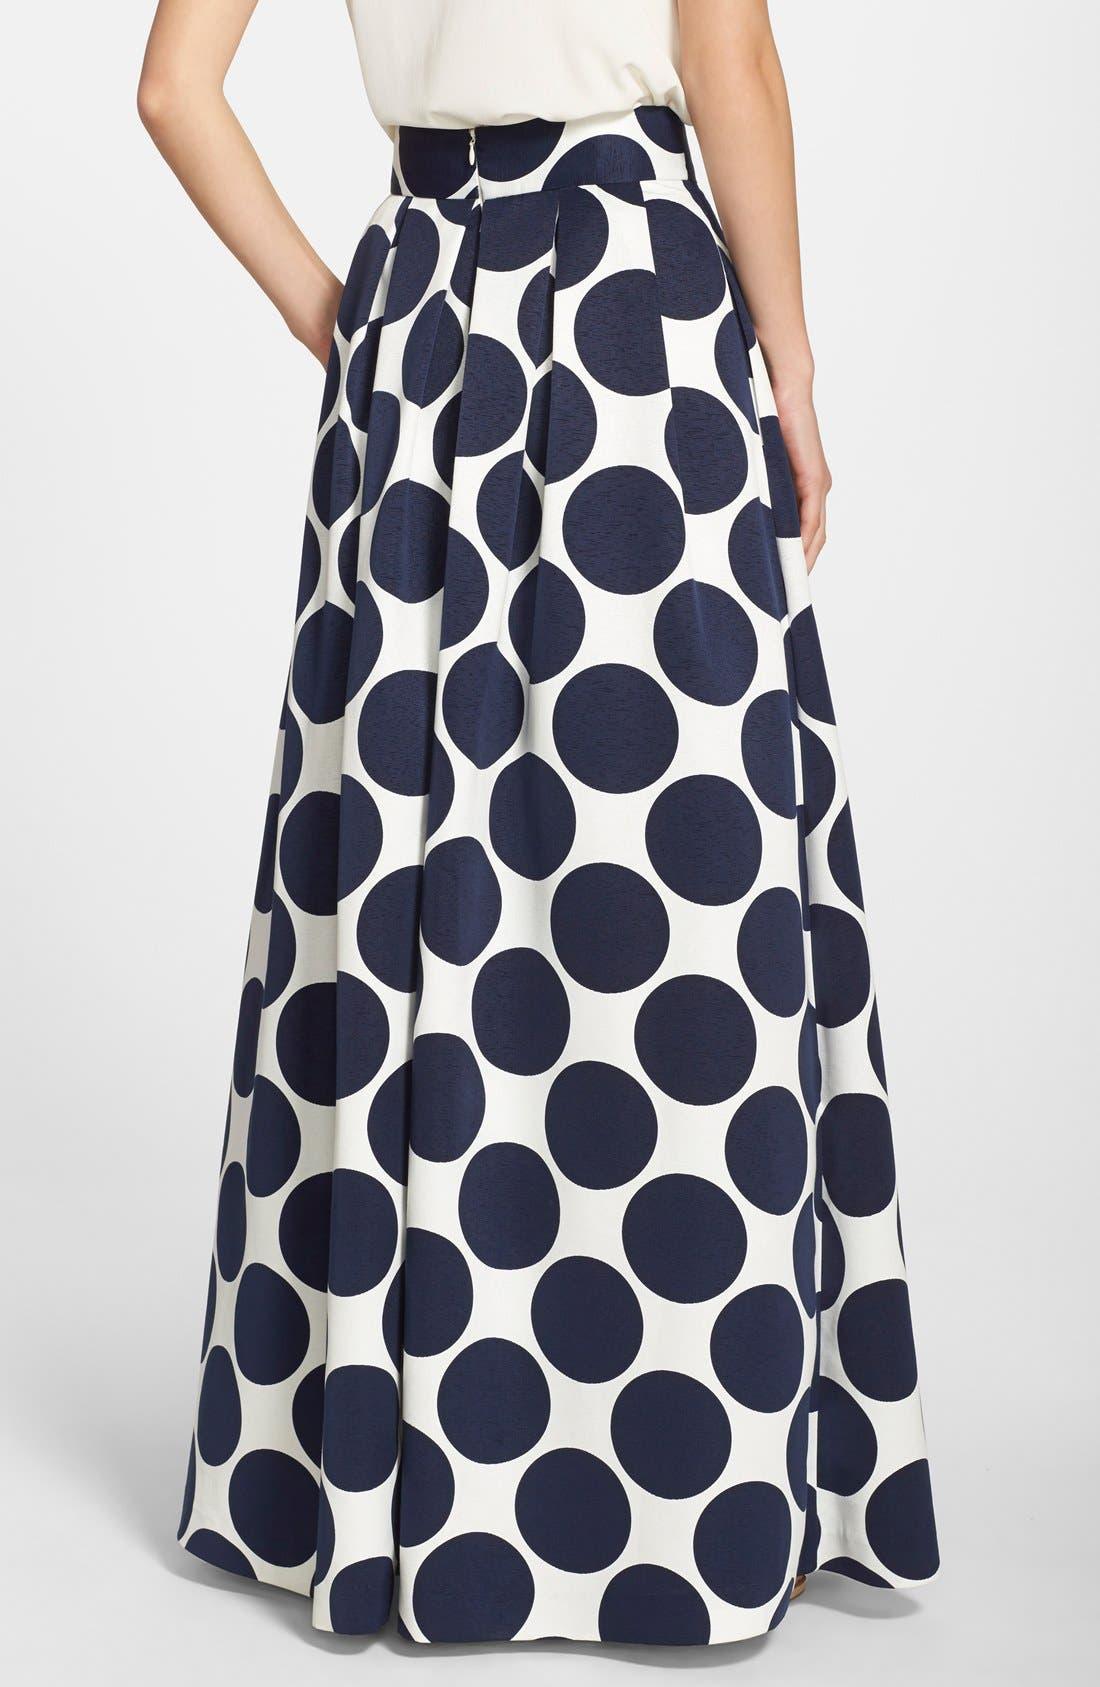 Pleated Dot Print Ball Skirt,                             Alternate thumbnail 4, color,                             407